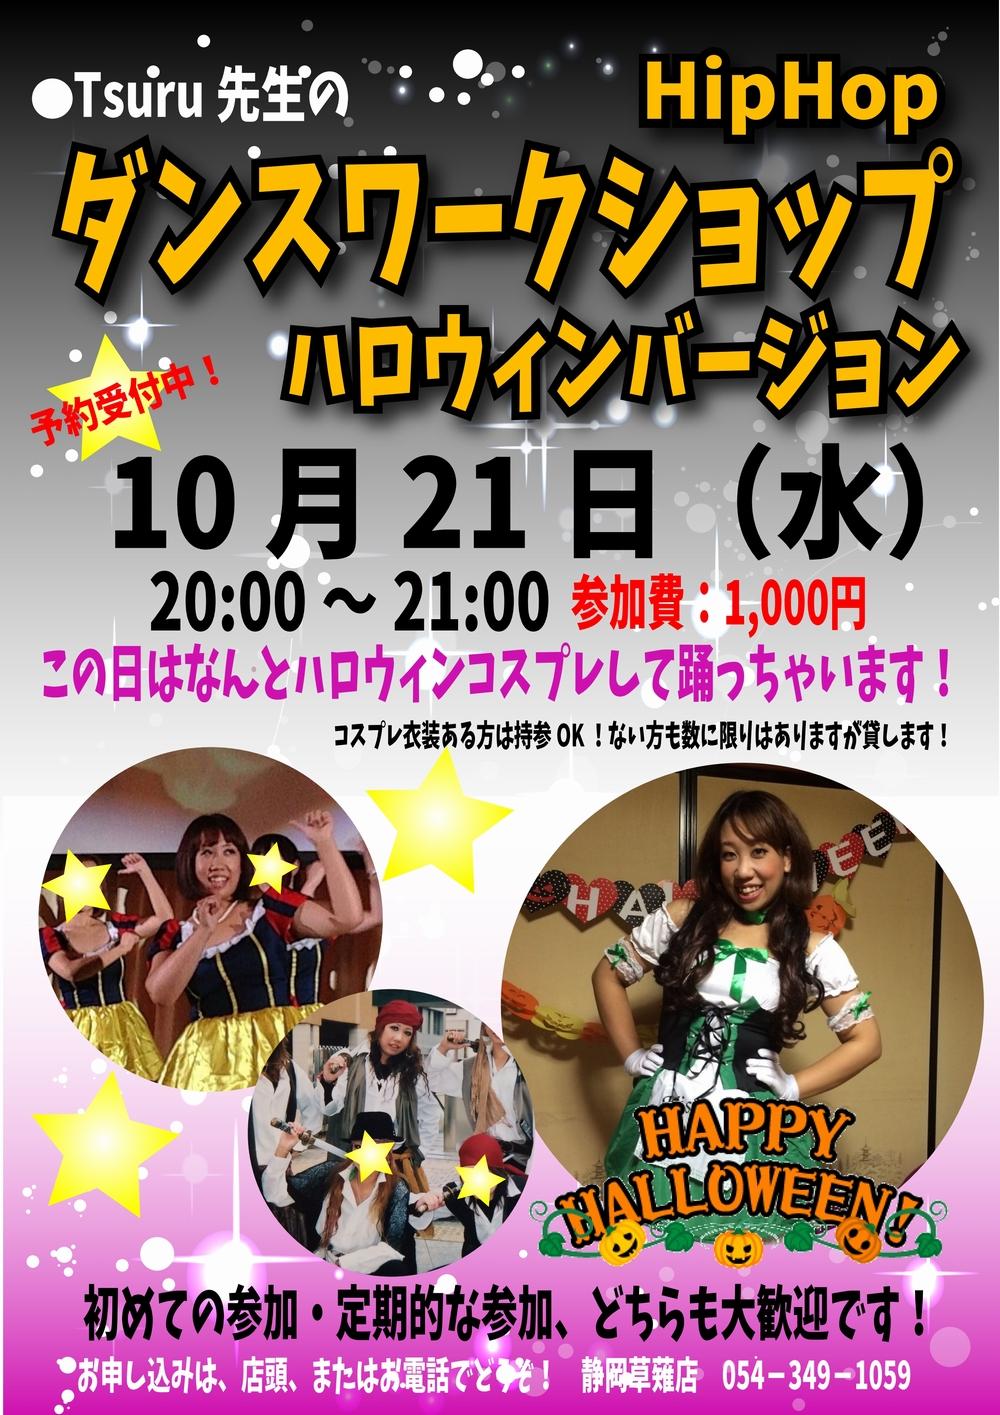 【ワークショップ】HipHopダンス@音楽天国・静岡草薙店10月21日(水)開催